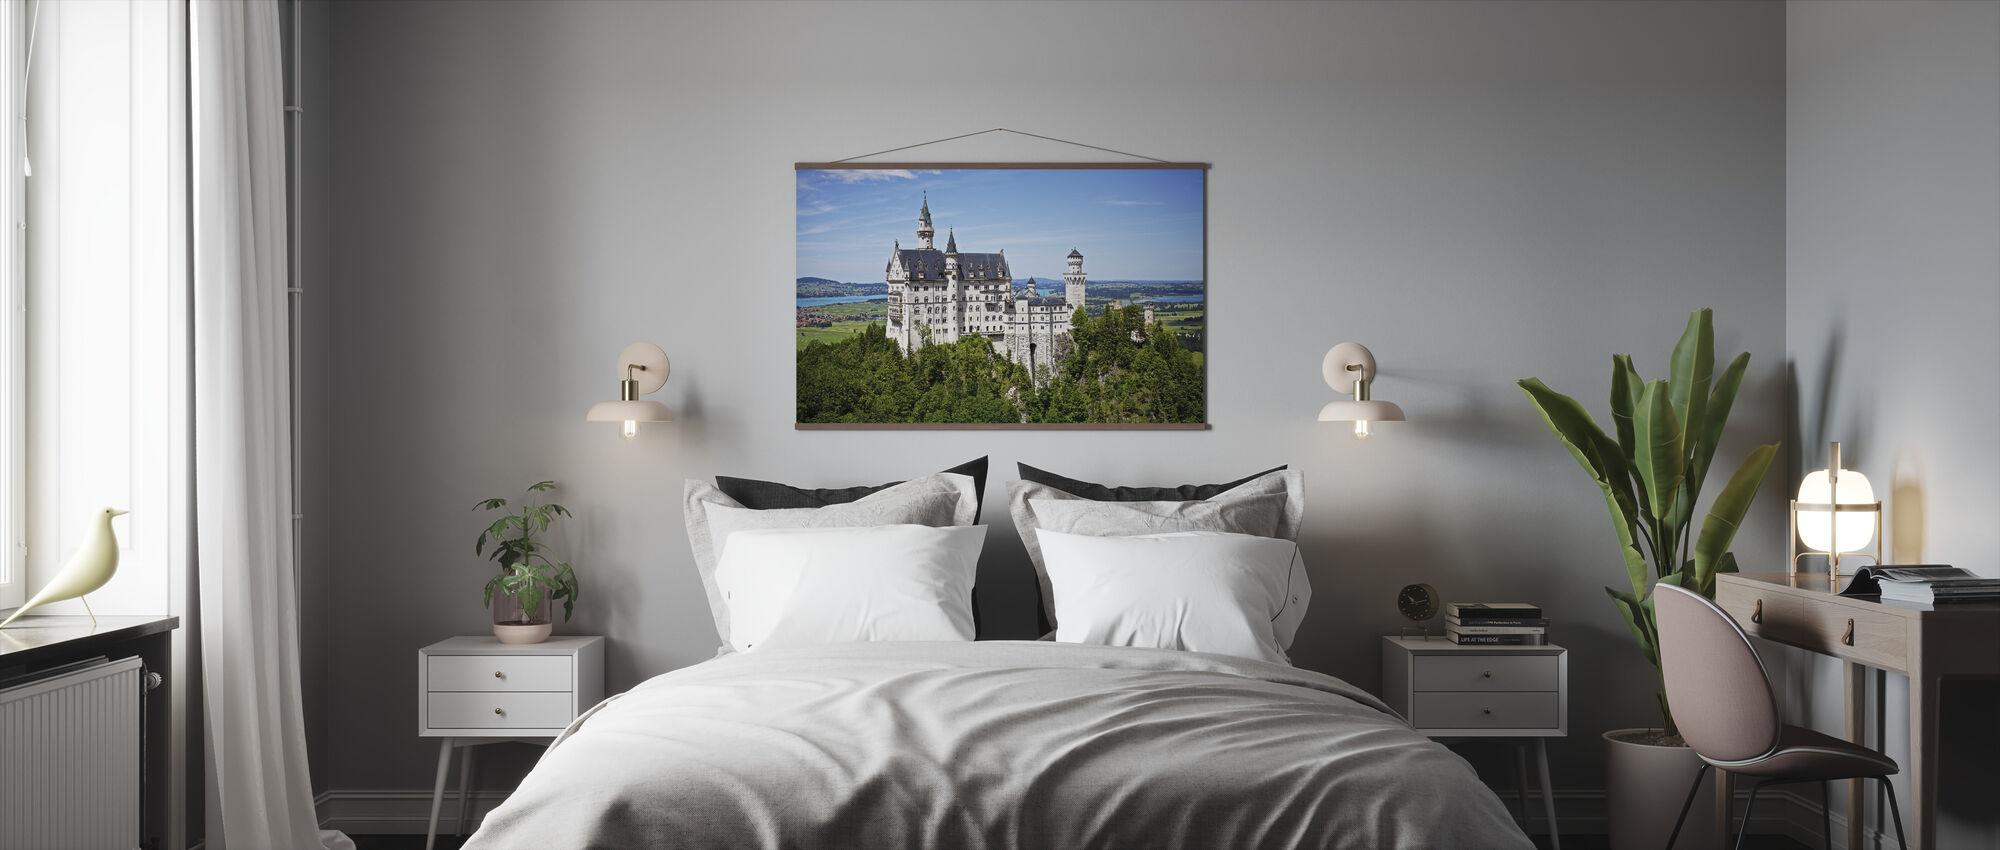 Neuschwanstein Disney Castle - Poster - Bedroom